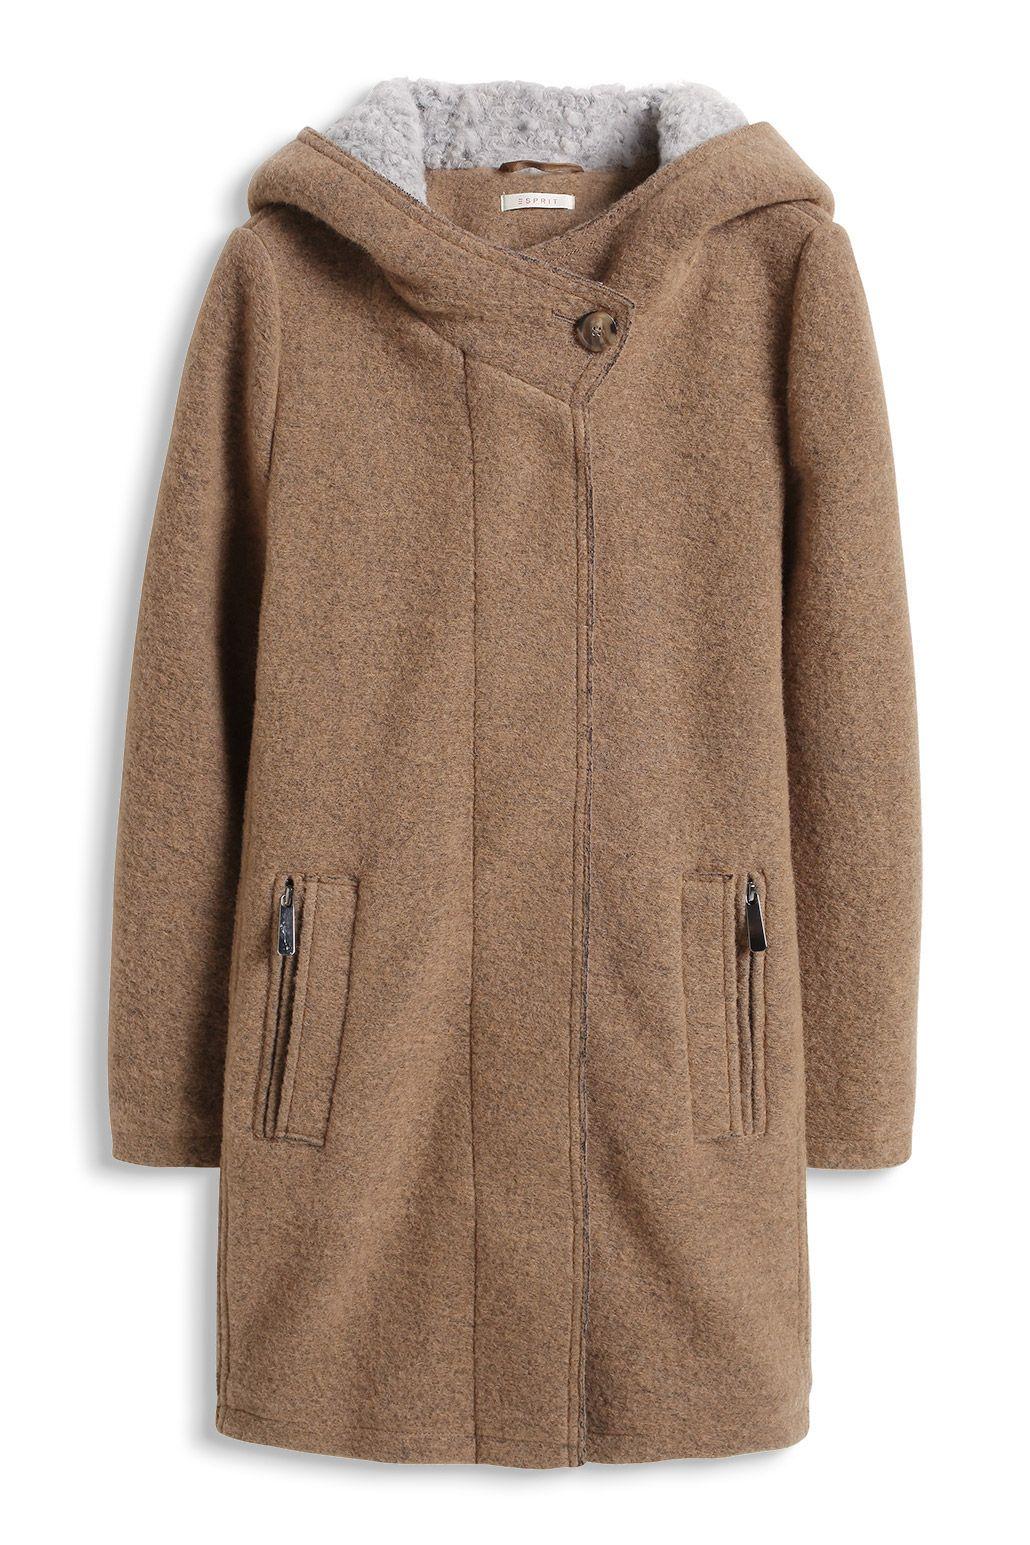 Wool Capes Clothes Coat Coats For Women [ 1545 x 1030 Pixel ]